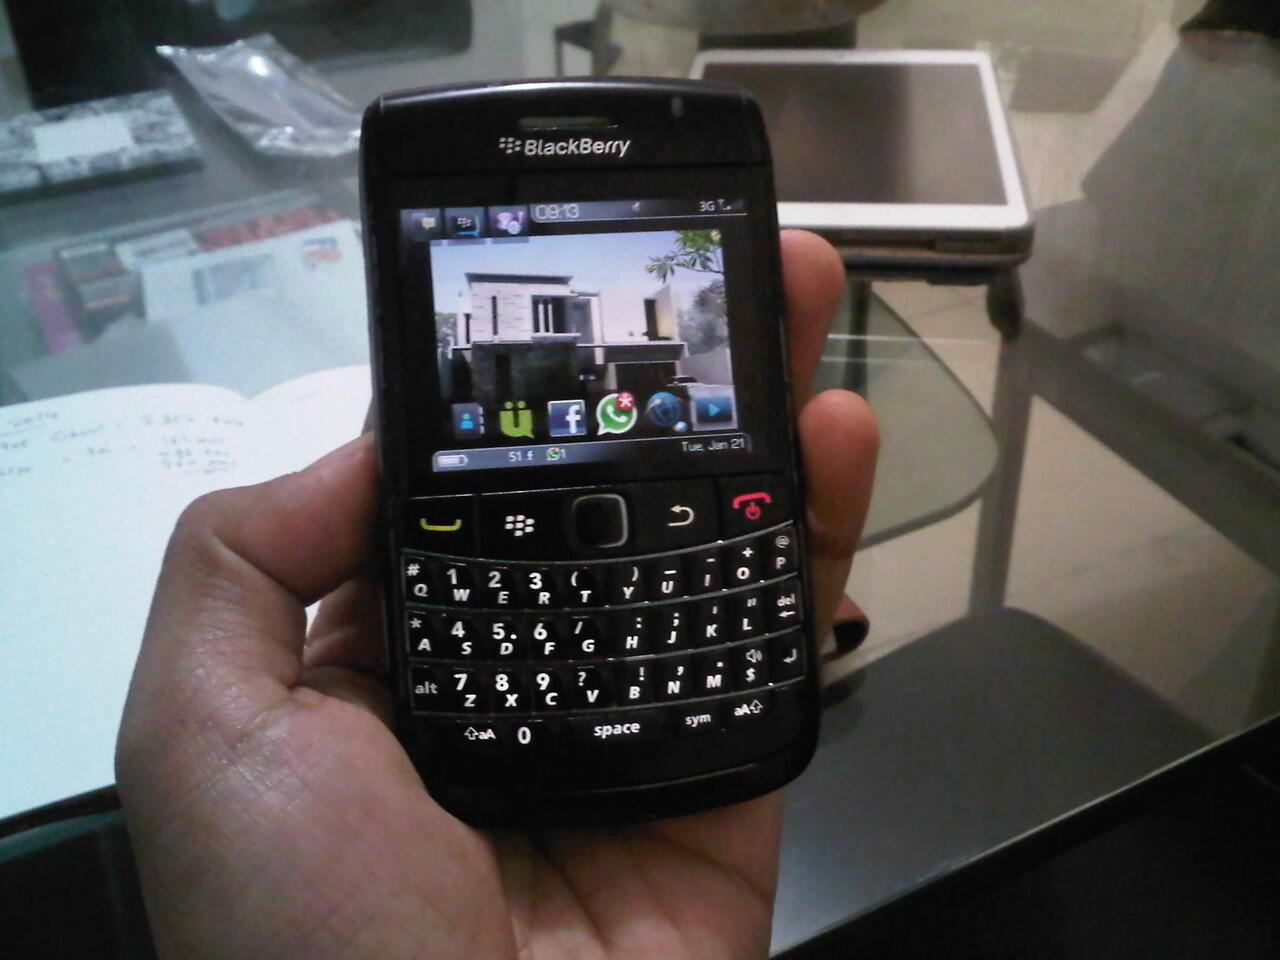 Jual santai Blackberry 9700 (onyx 1) mulus, lancar, dijamin, garansi personal